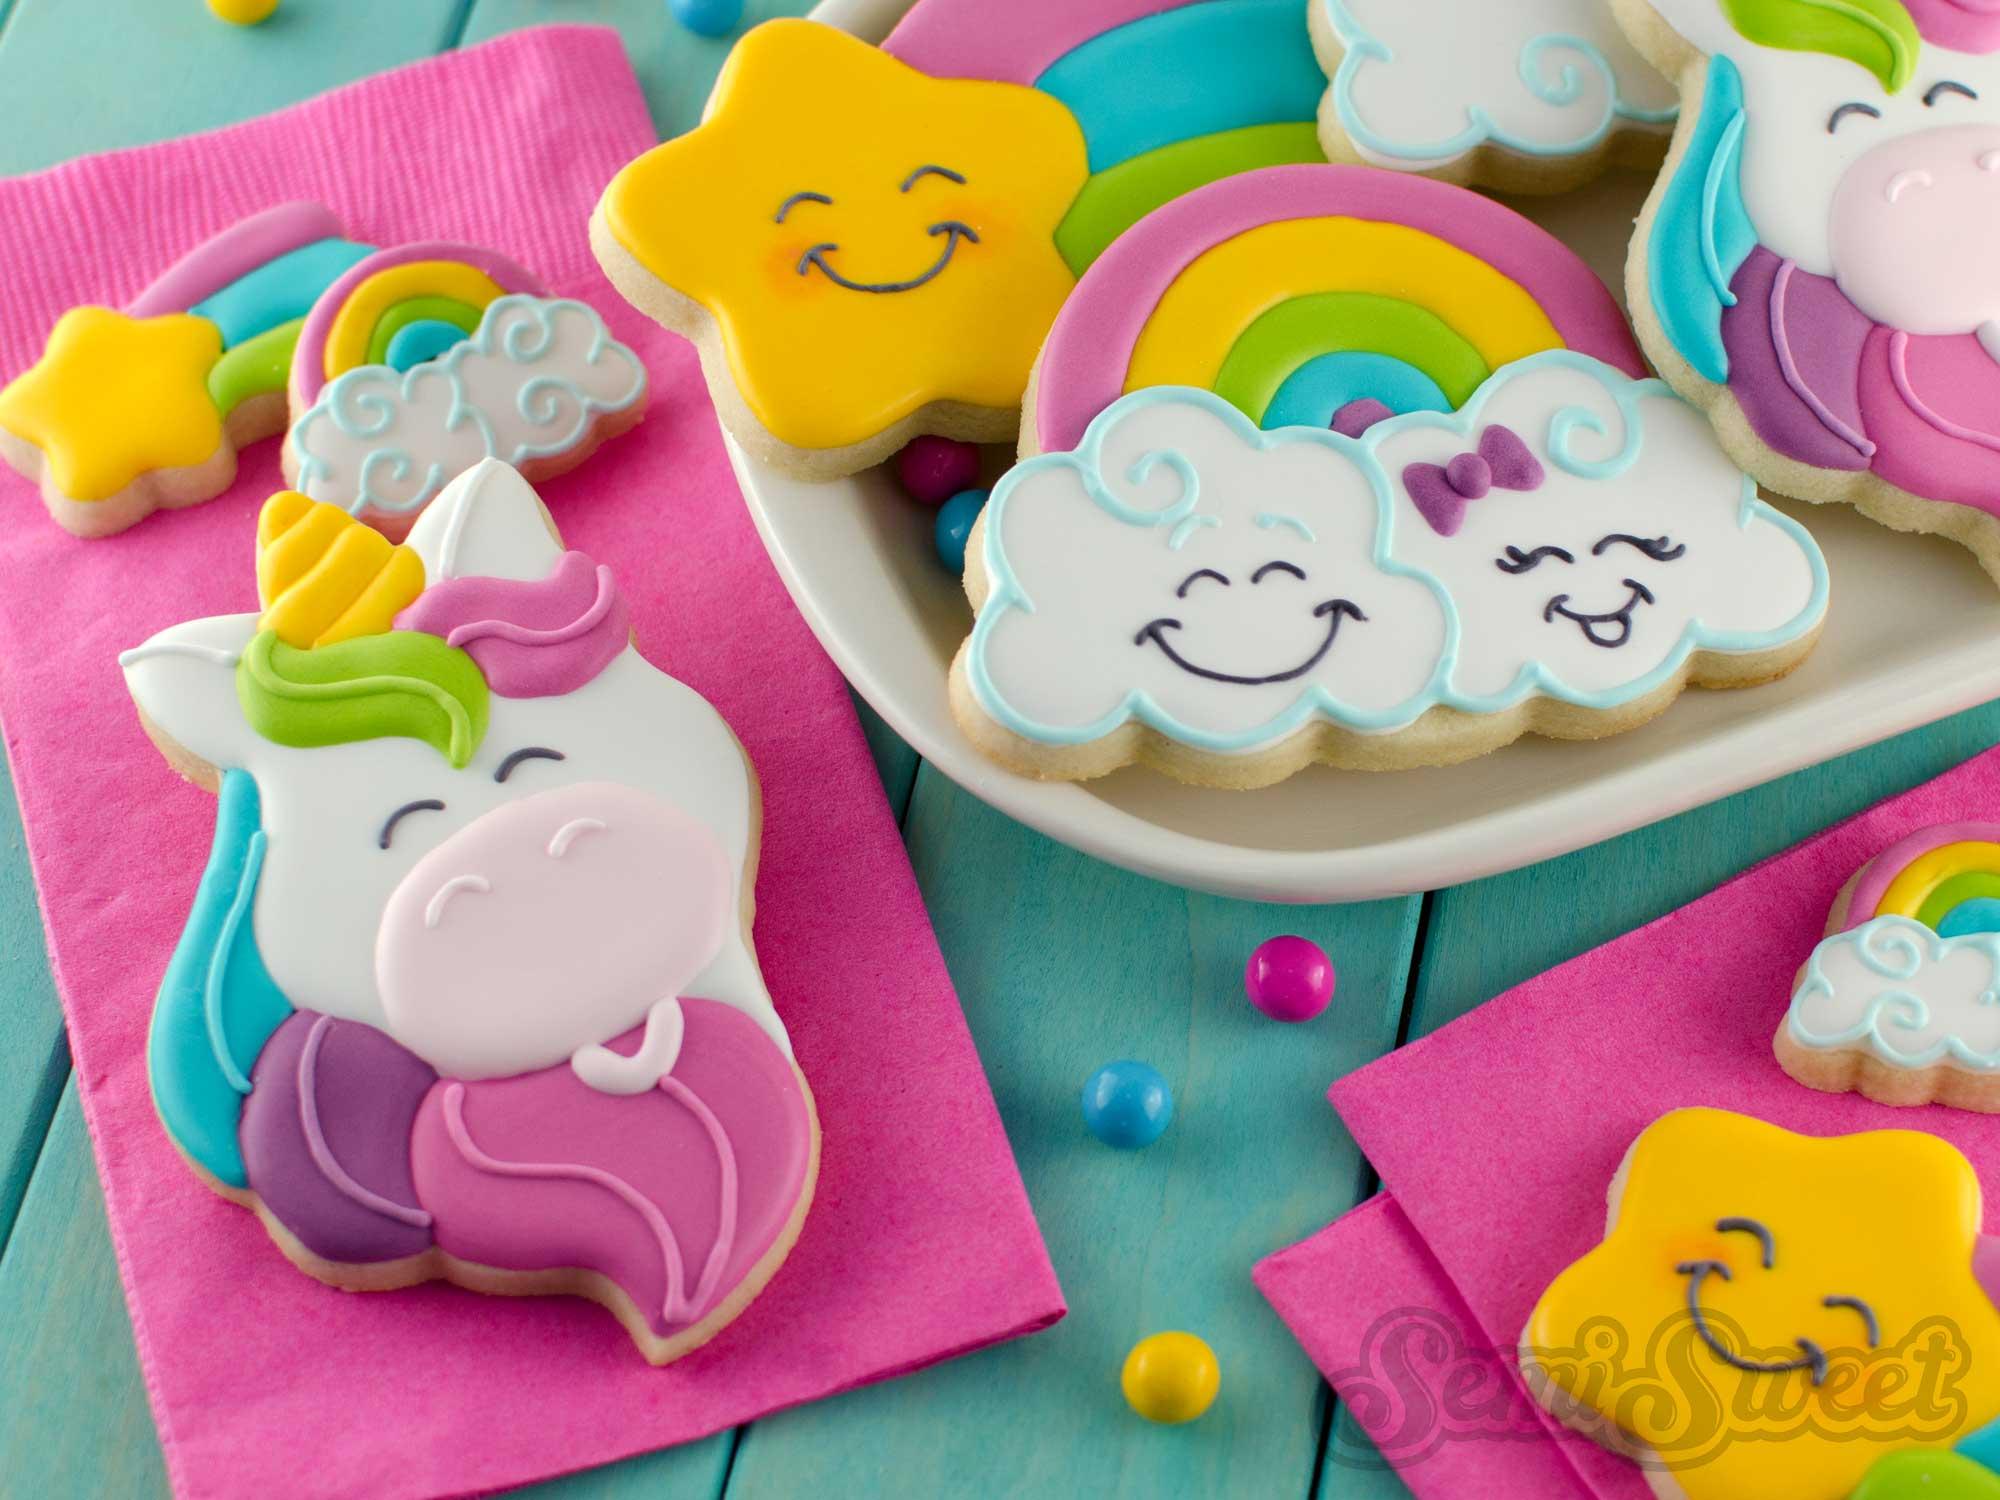 How to Make Unicorn Head Cookies